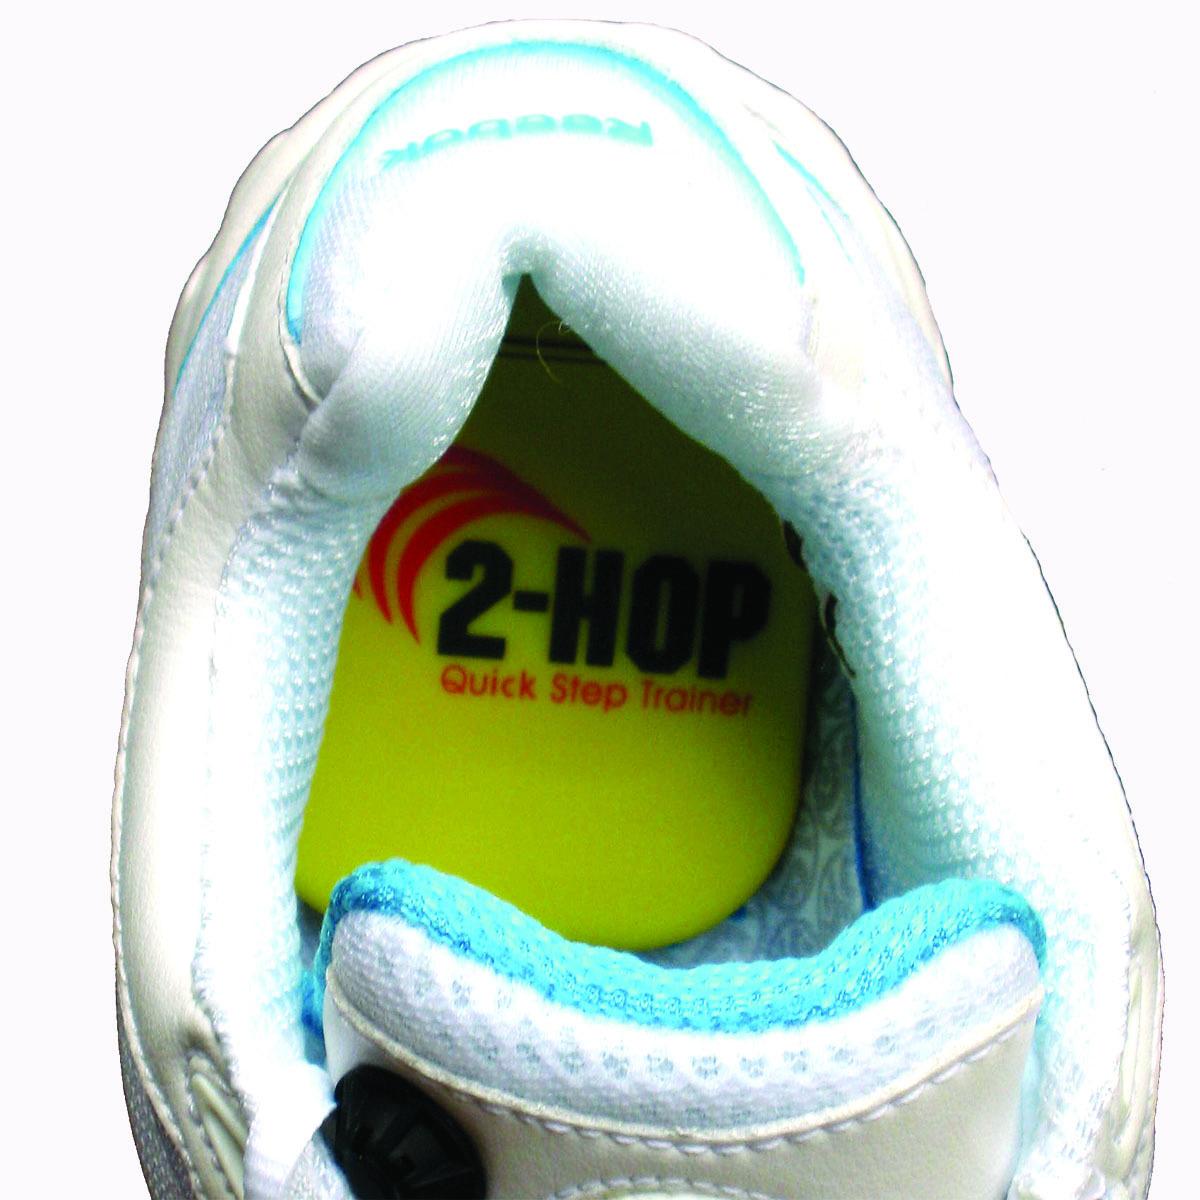 Тренажер для тренировки теннисного шага 2 Hop Quick Step Trainer